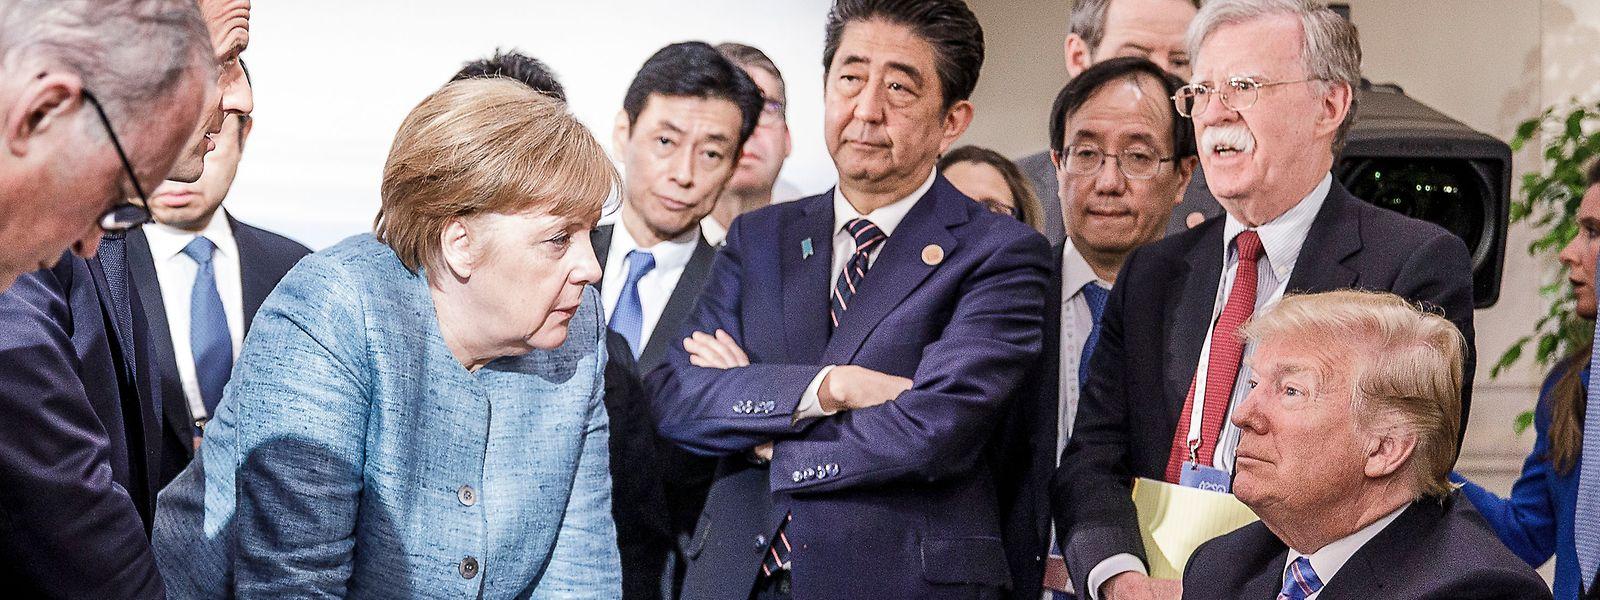 Trump verließ den G7-Gipfel in Kanada vorzeitig.